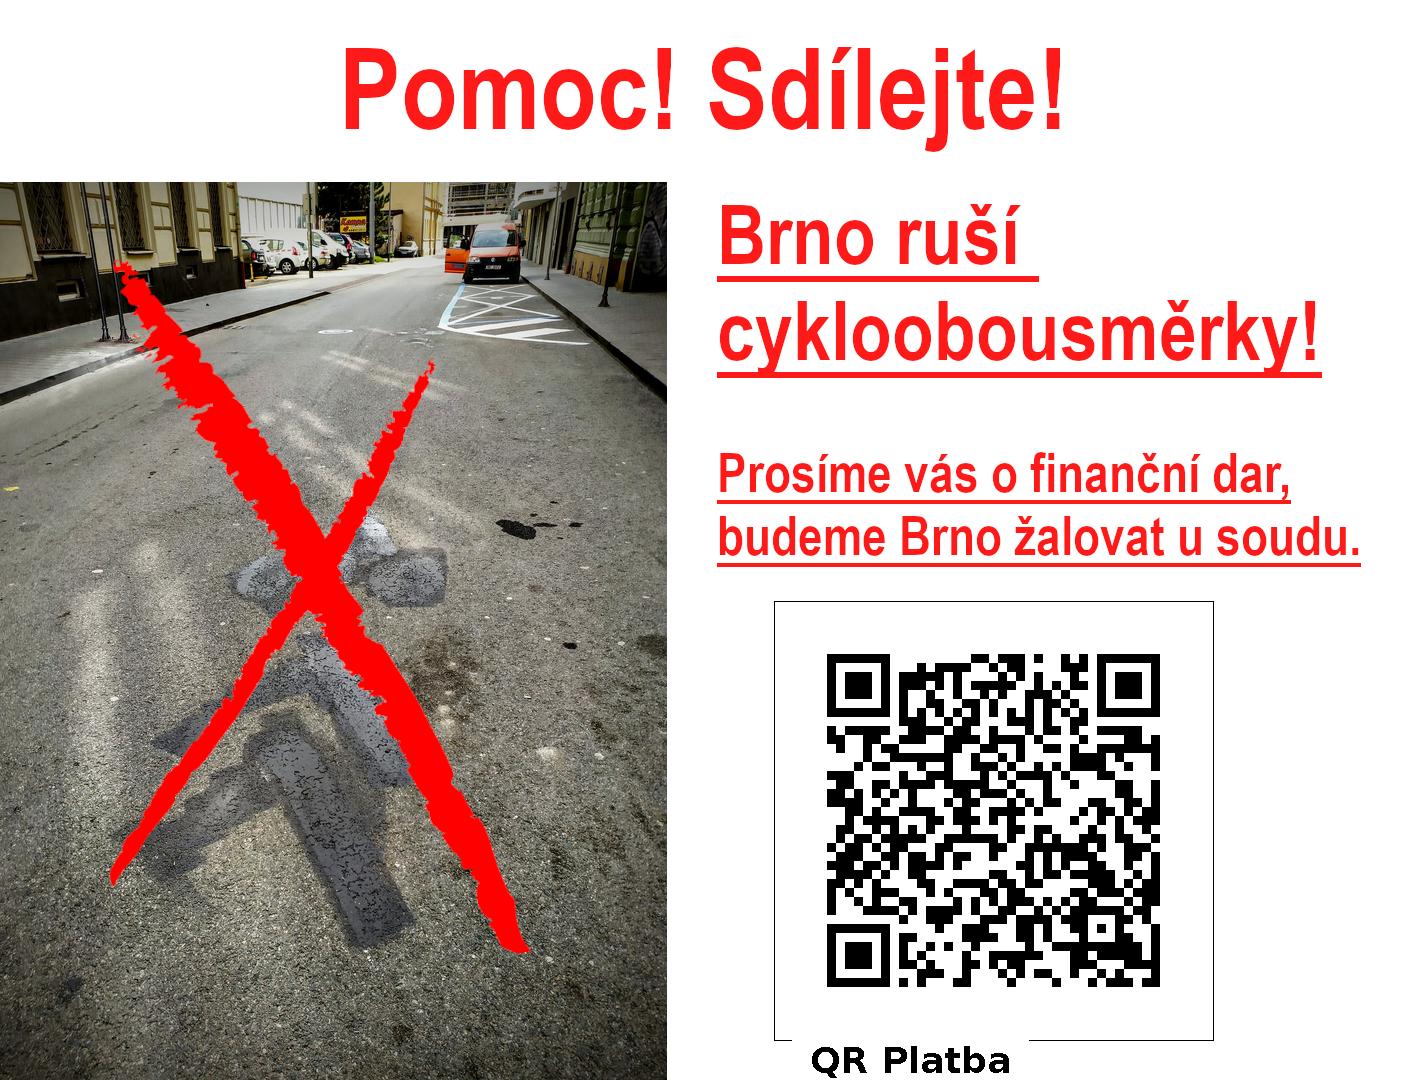 Brno vážně ohrožuje bezpečnost silničního provozu, zodpovídat se bude u soudu. Přispějte na žalobu!